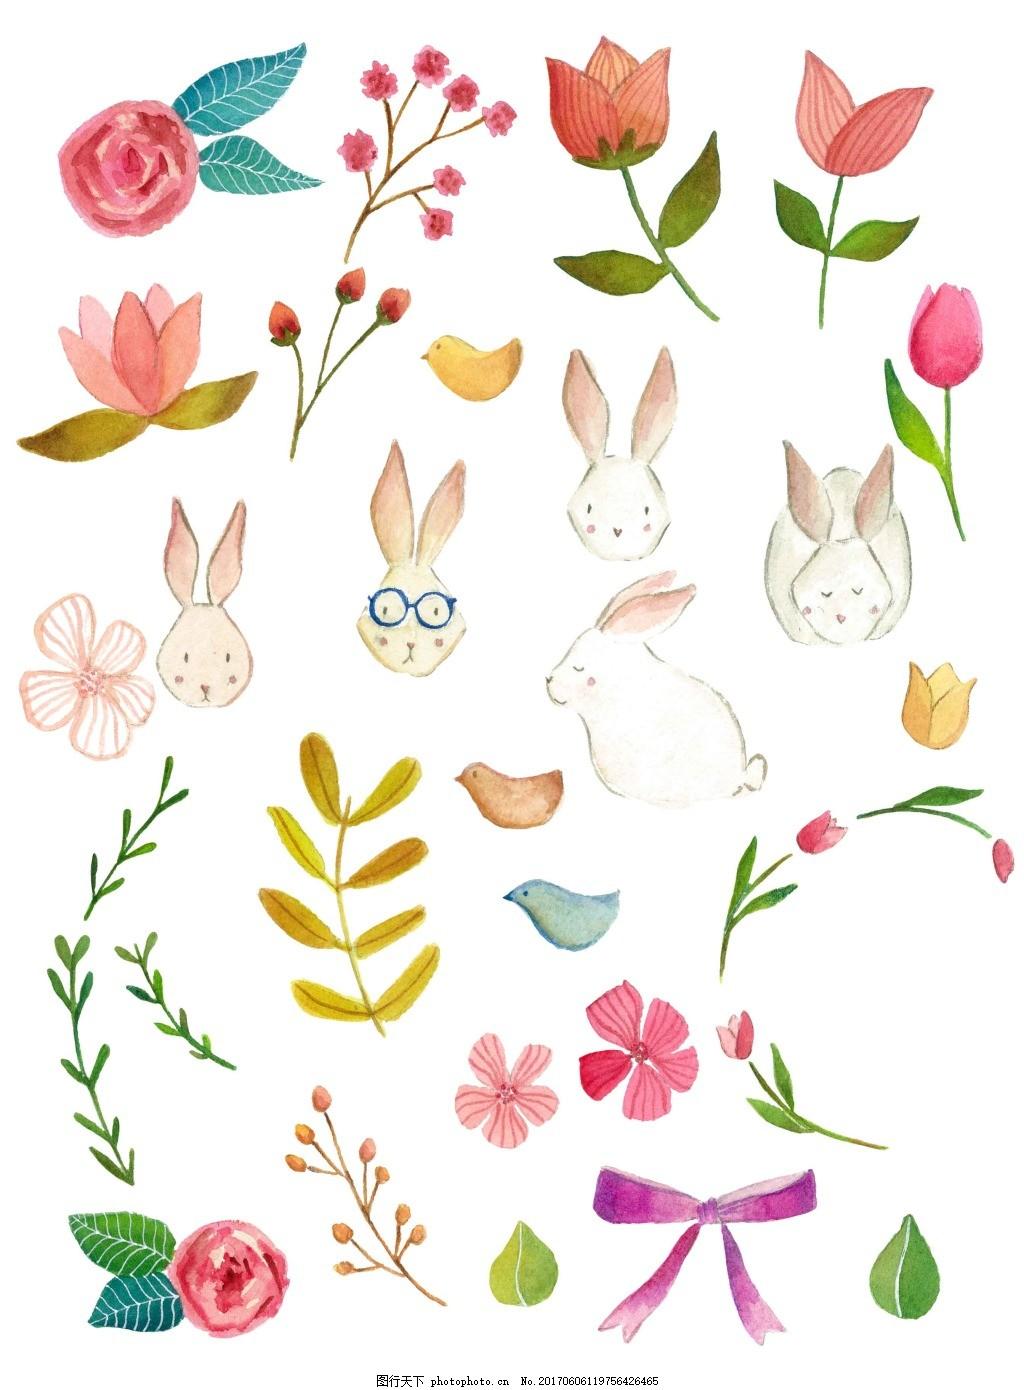 卡通小清新元素背景 花朵 植物 手绘 兔子 蝴蝶结 可爱 底纹